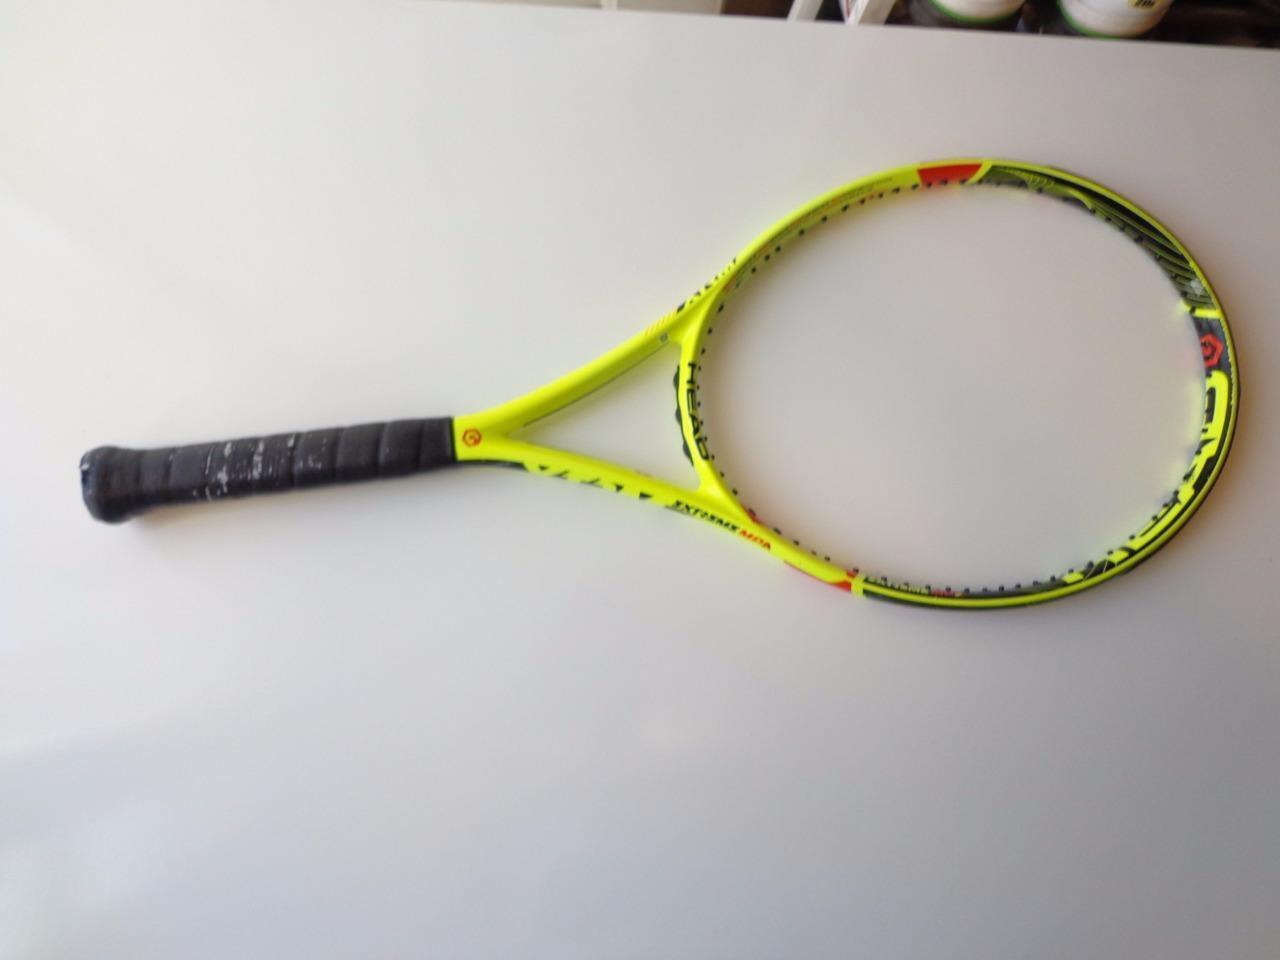 Head Graphene XT Extreme MPA 100 head 10.6oz 4 3/8 grip Tennis Racquet